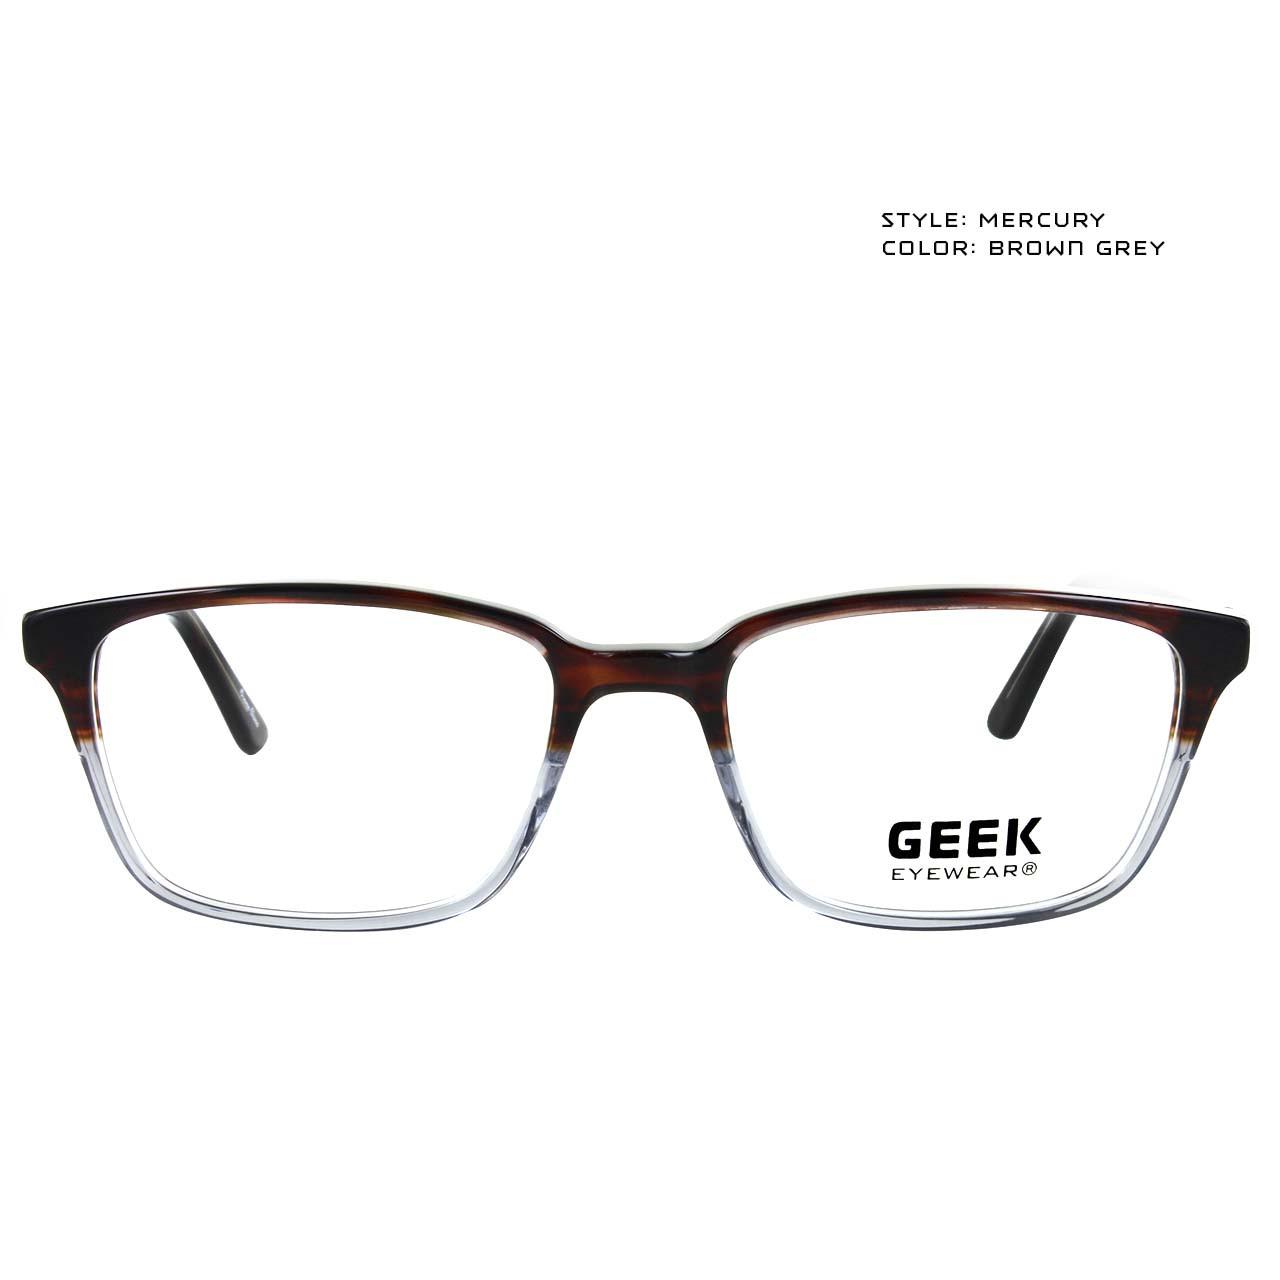 GEEK Eyewear GEEK MERCURY Brown-Grey